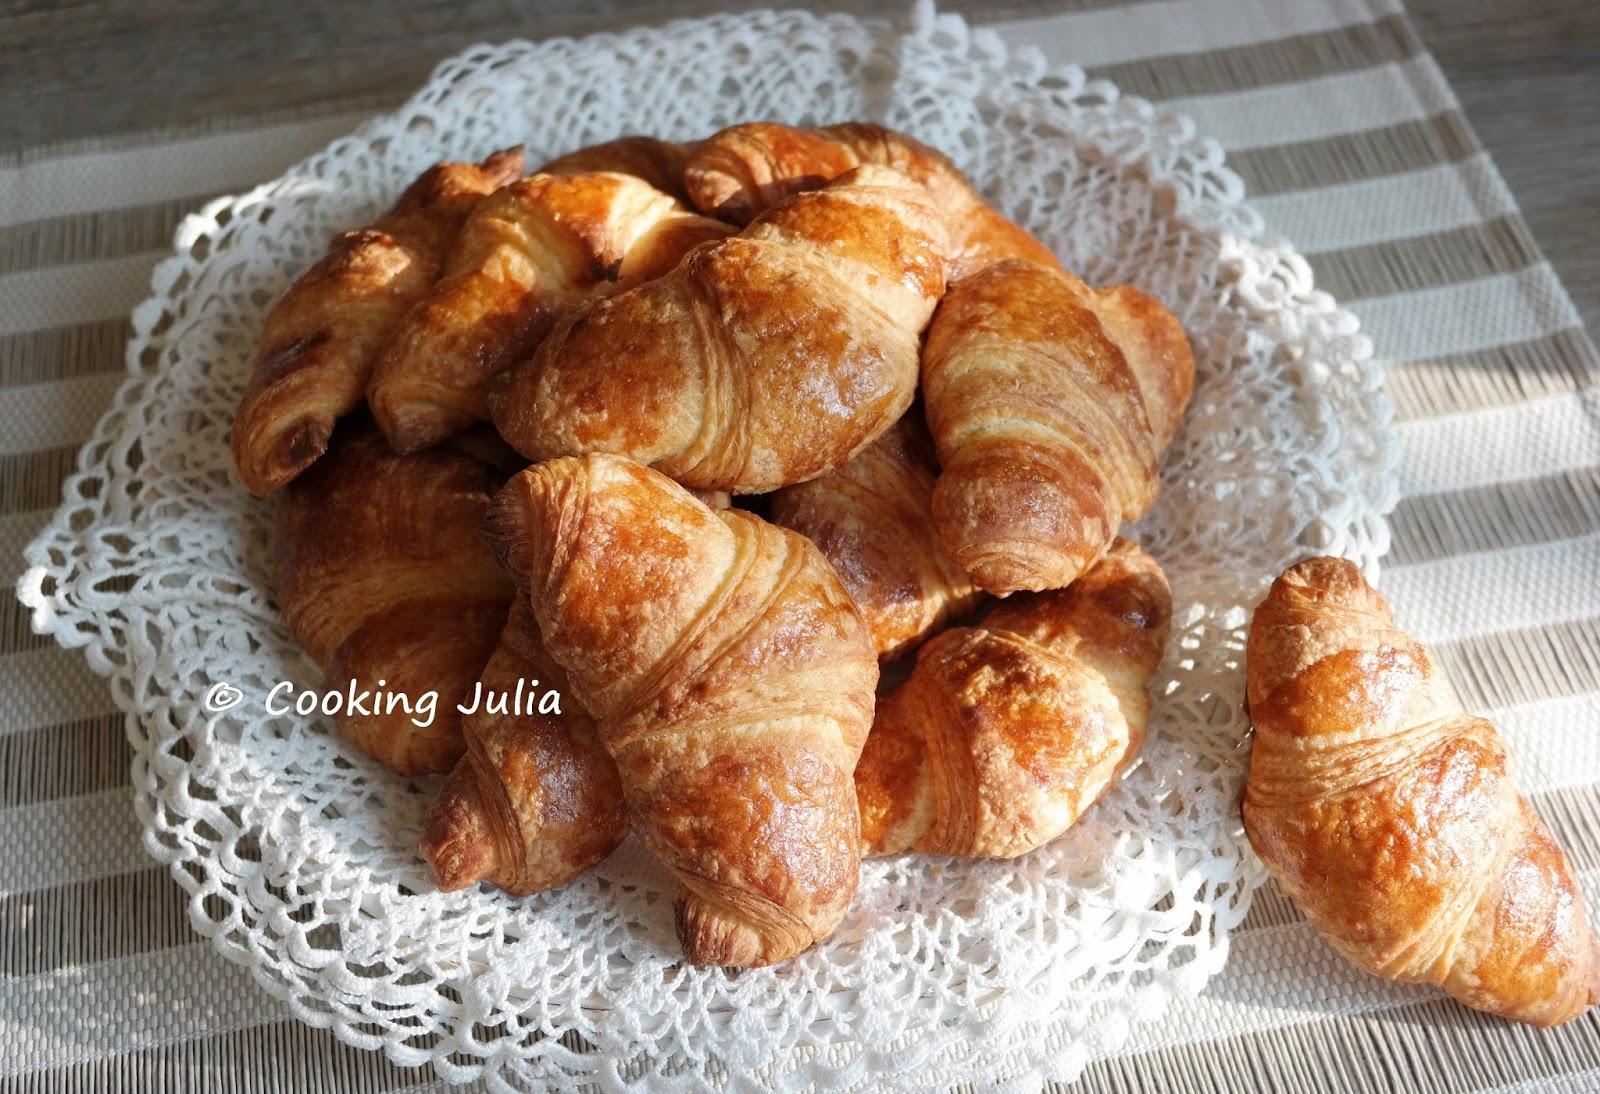 cooking julia croissants en p te couque. Black Bedroom Furniture Sets. Home Design Ideas